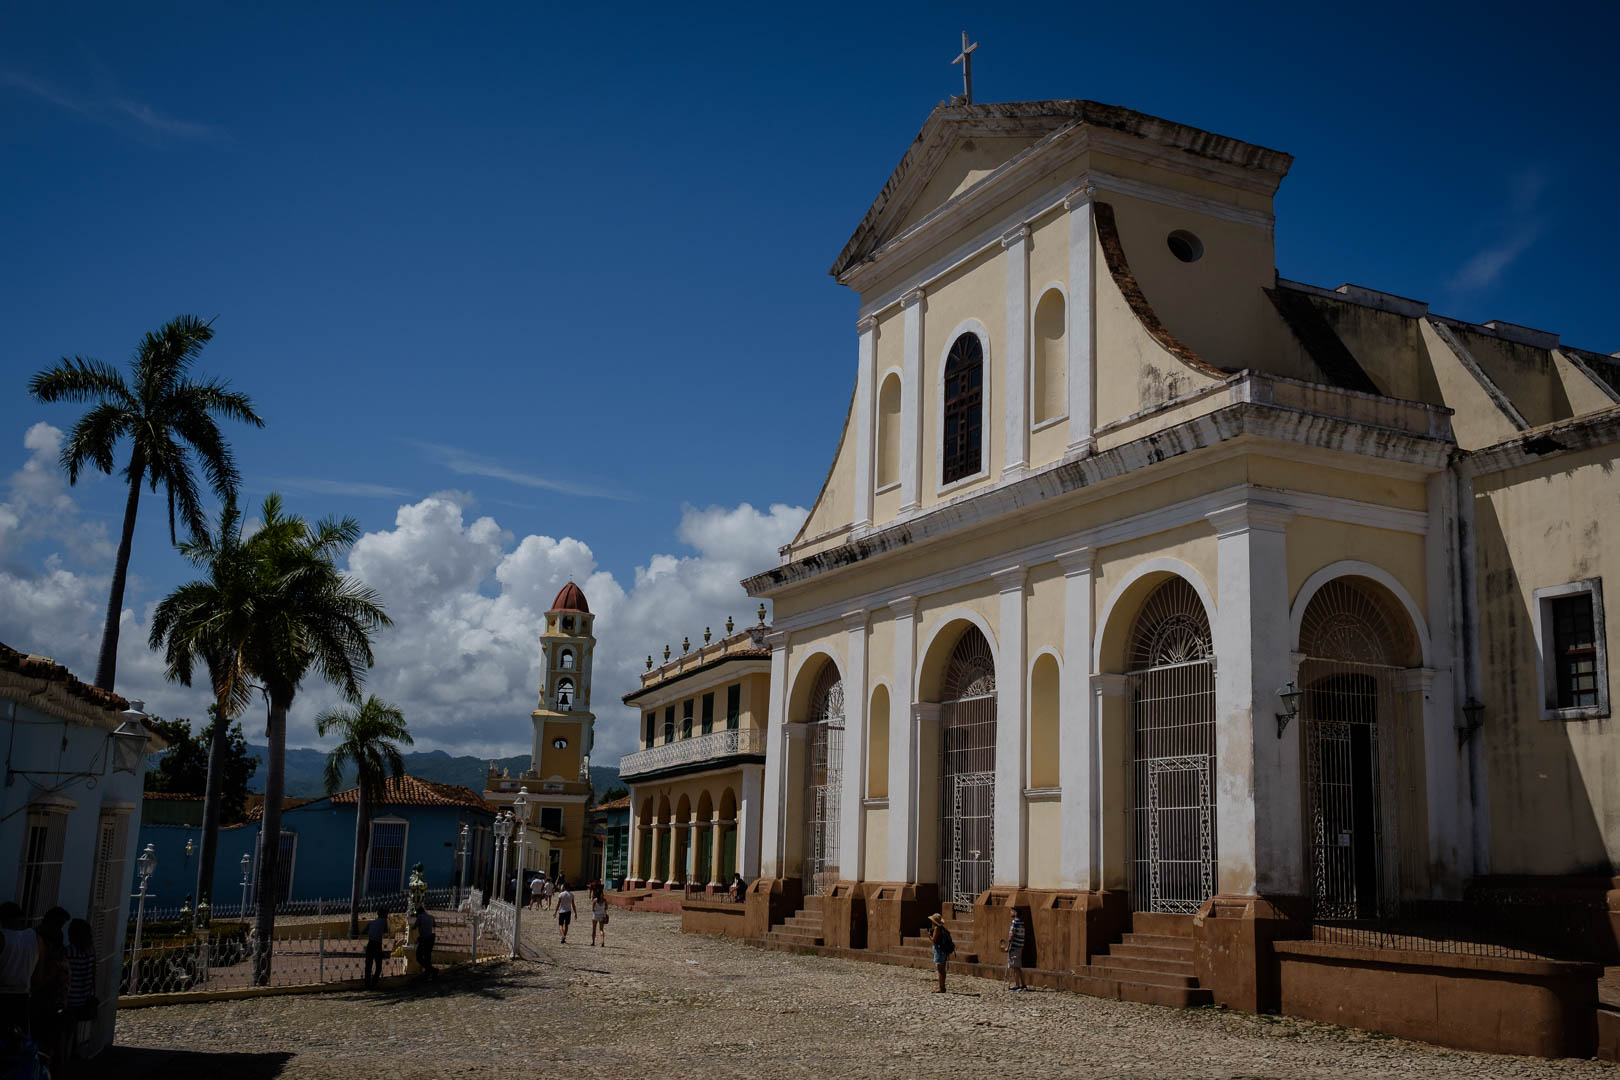 180428-Trinidad-12-1080.jpg